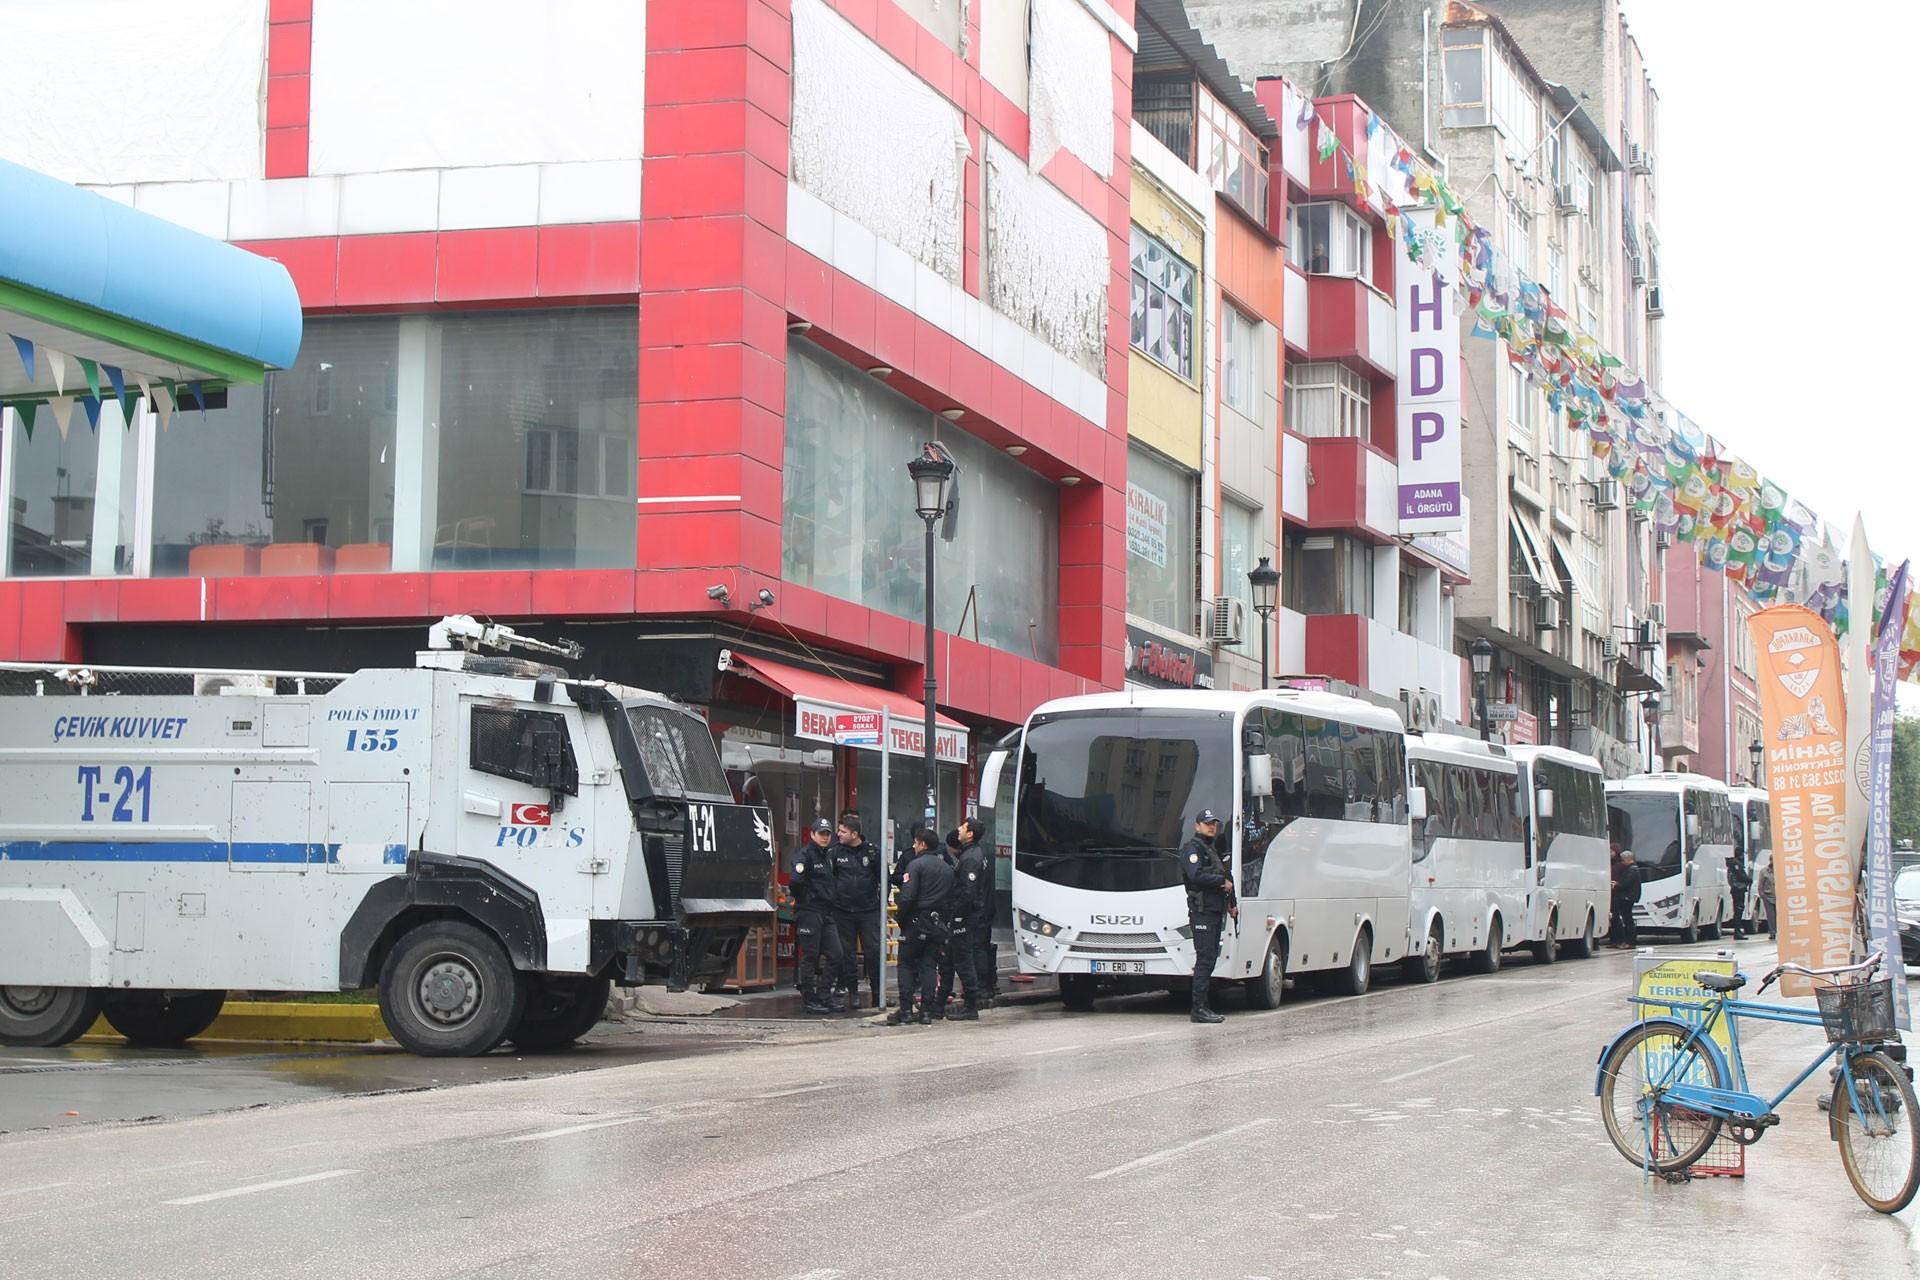 Bakan Soylu'nun hedef gösterdiği 8 HDP'li tahliye edildi